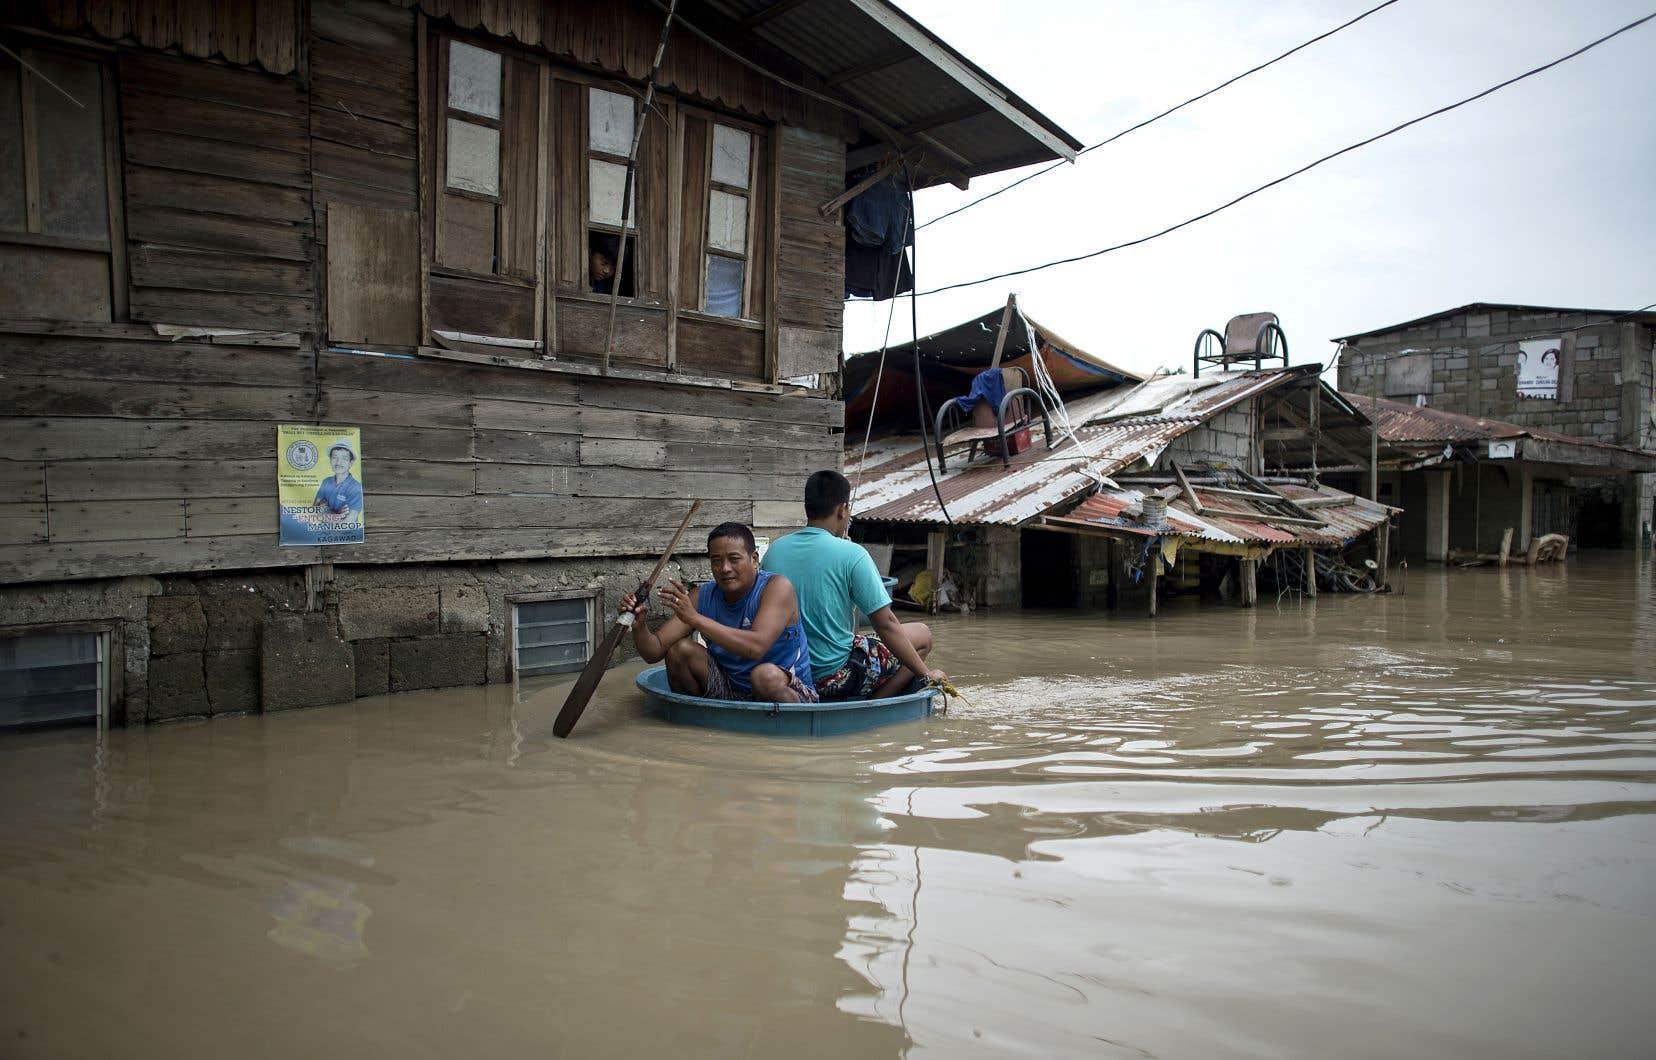 Les événements climatiques extrêmes (inondations, tempêtes...) et les catastrophes naturelles majeures (temblements de terre, tsunamis...) font partie des principaux risques mondiaux.